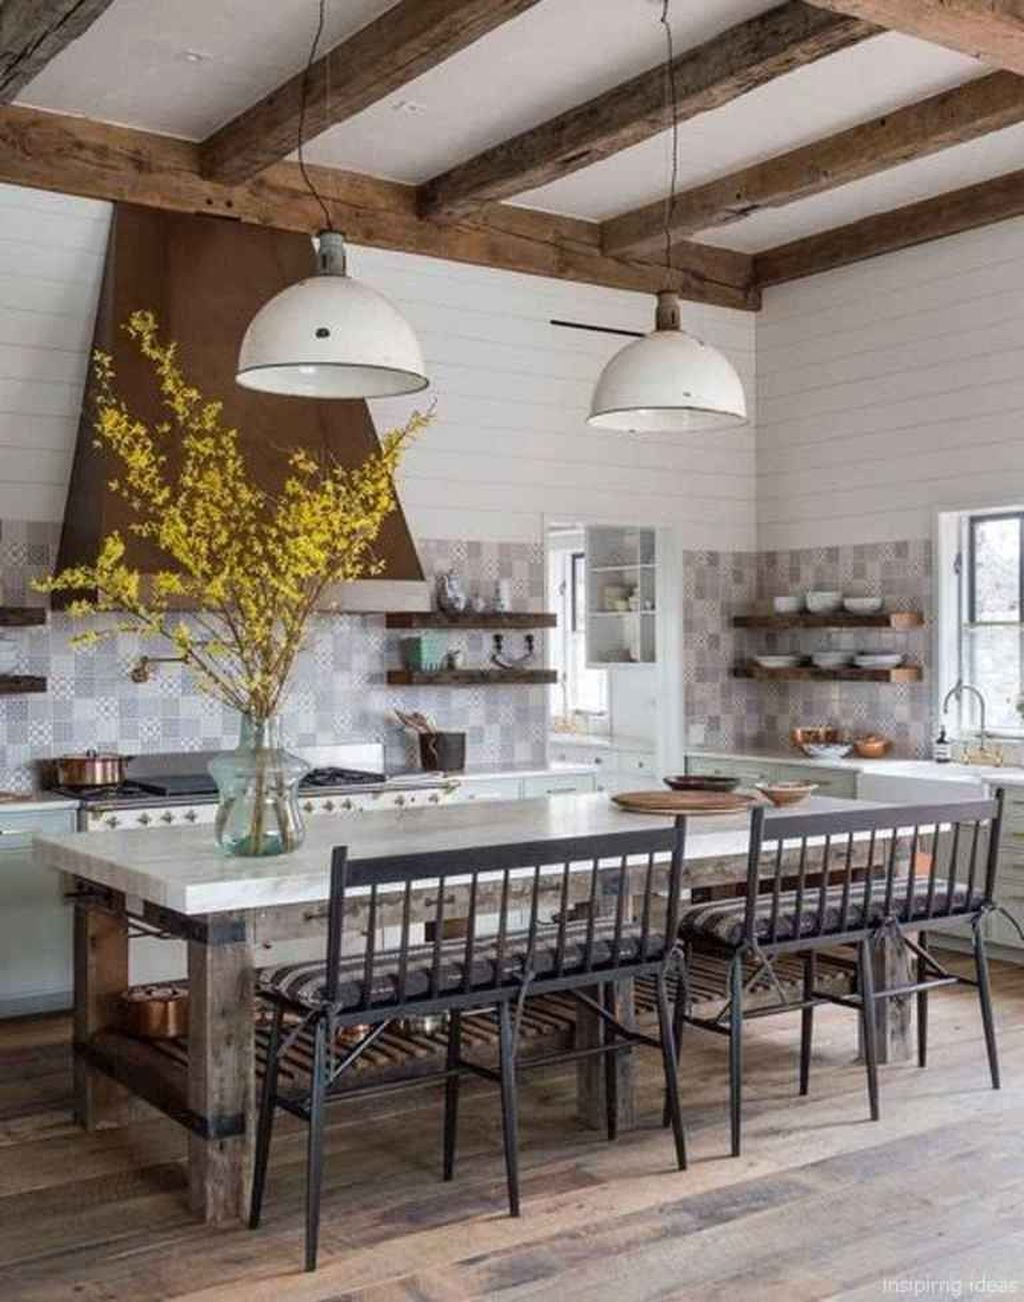 Stunning Modern Farmhouse Kitchen Table Design Ideas 13